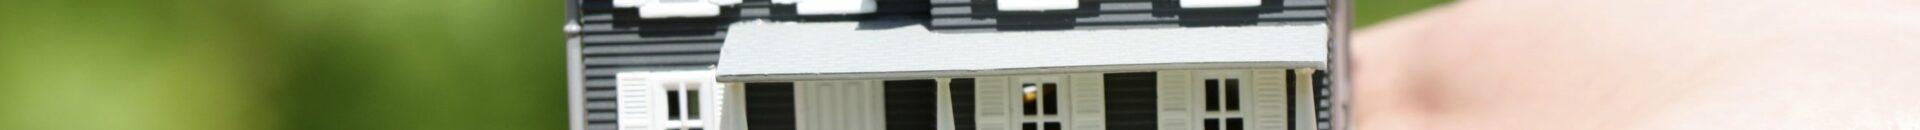 Перевод любых свидетельств, документов на недвижимость с/на иностранный язык с нотариальным заверением